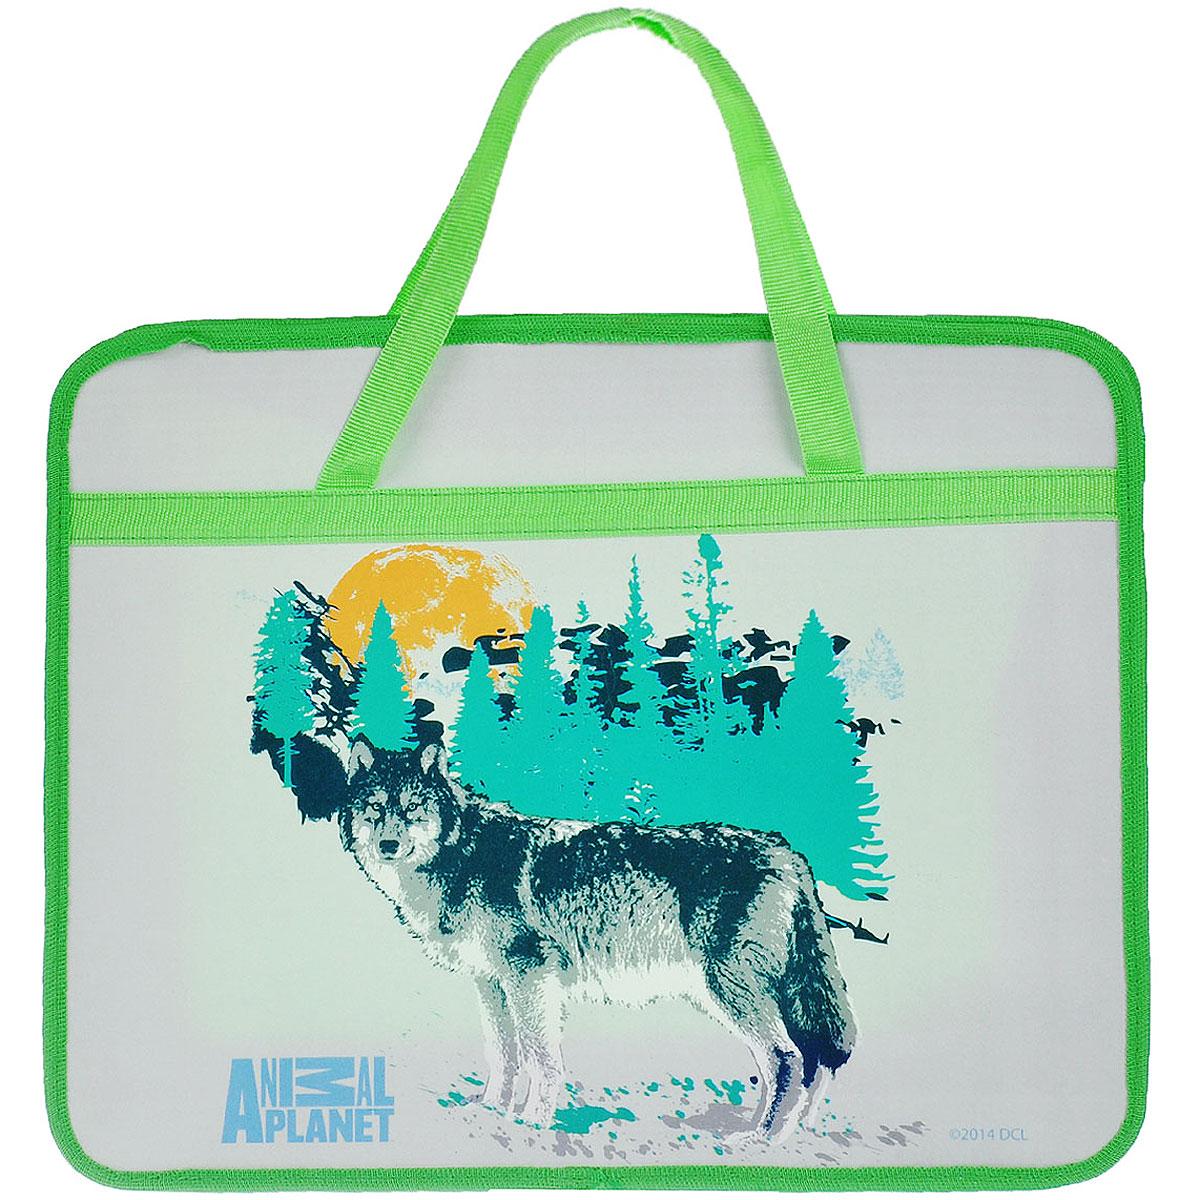 Папка для тетрадей Action! Animal Planet, цвет: серый, салатовыйAP-FZHA4-1Папка Action! Animal Planet предназначена для хранения тетрадей, рисунков и прочих бумаг с максимальным форматом А4. Папка выполнена из прочного материала, оформлена изображением волка и содержит одно отделение. Закрывается она на застежку-молнию. Папка дополнена двумя текстильными ручками для переноски.С папкой Action! Animal Planet тетради вашего ребенка всегда будут выглядеть опрятно.